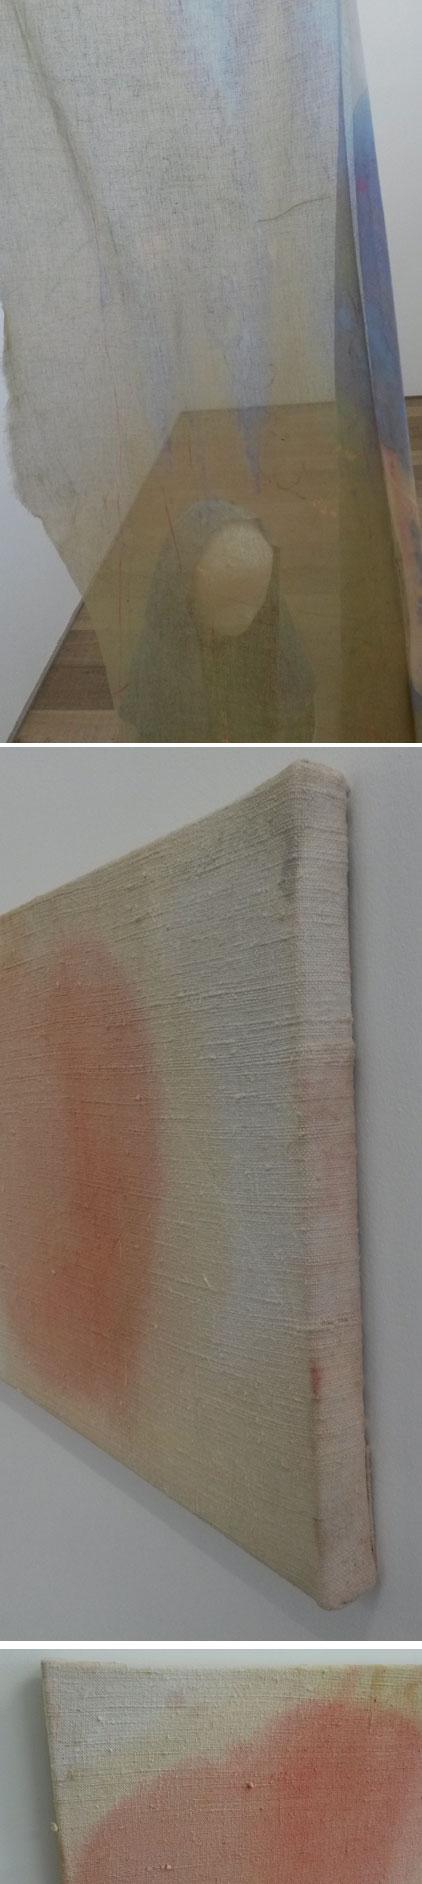 wilkes_textiles